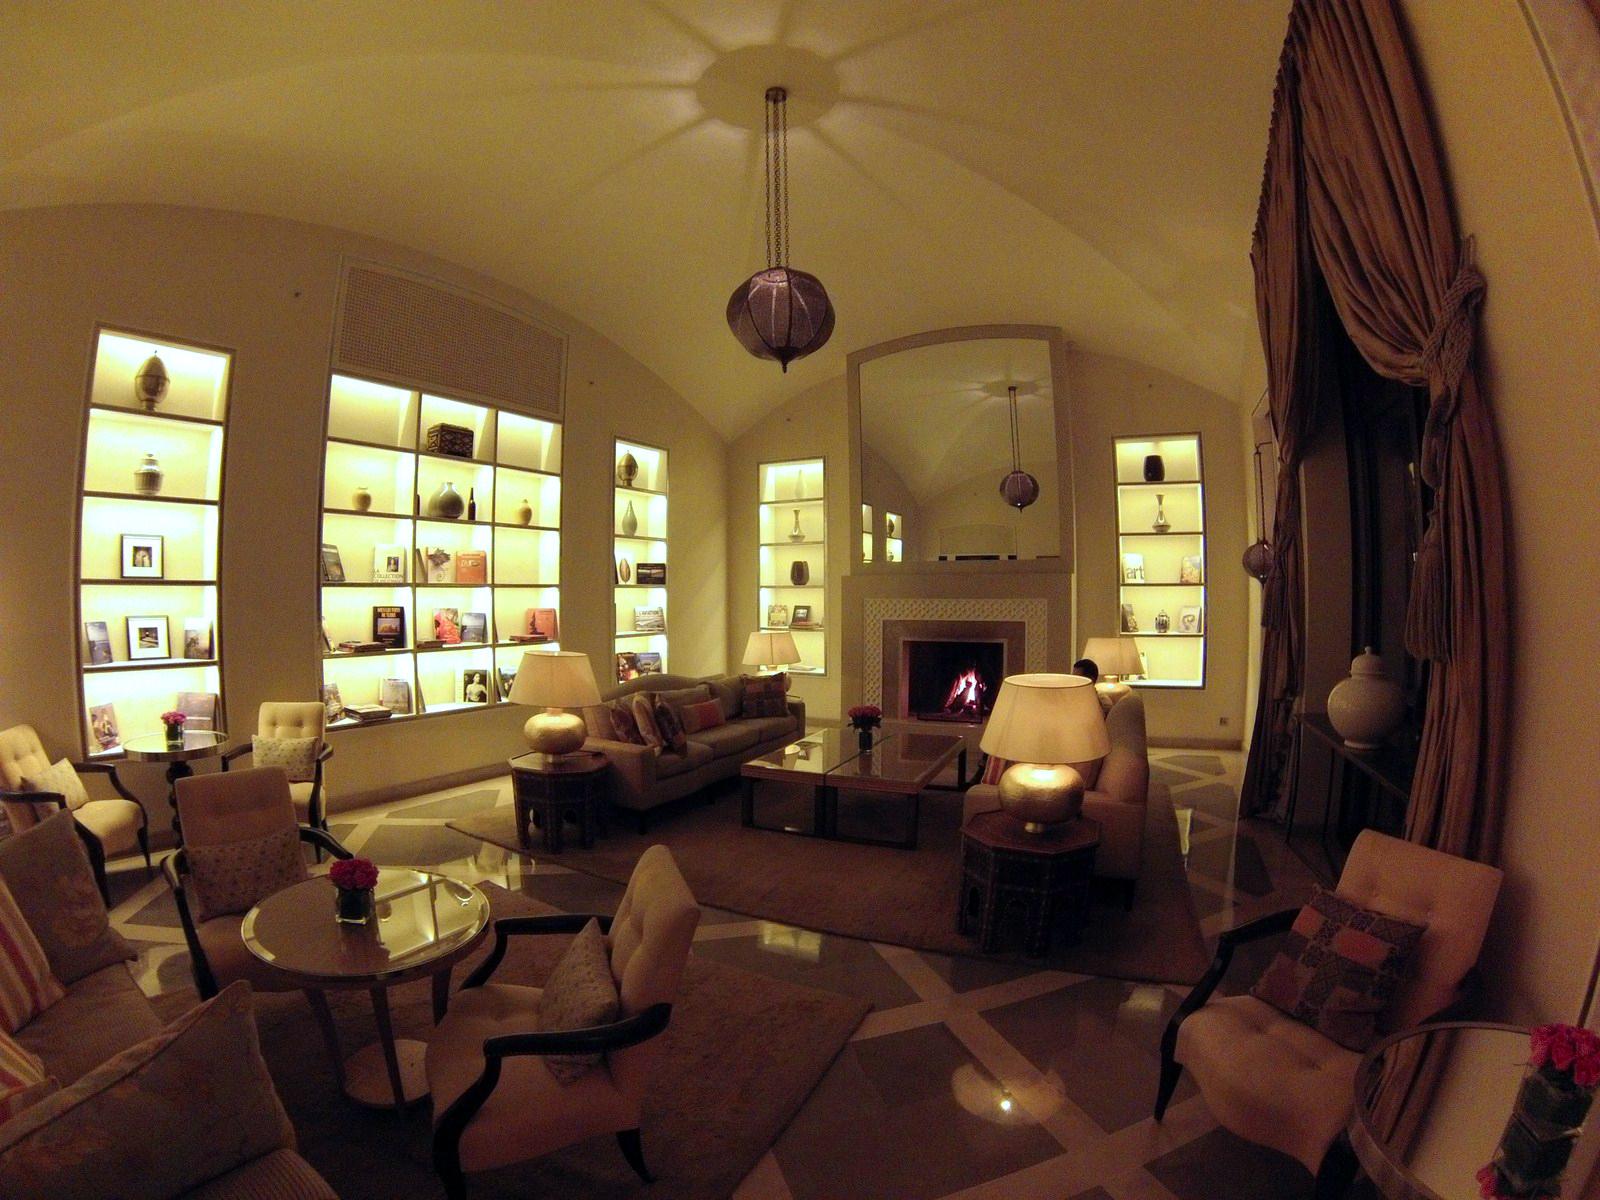 Nuestro salón preferido del hotel Four Seasons Marrakech, oasis en la ciudad roja - 15720367578 e1dd5726be h - Four Seasons Marrakech, oasis en la ciudad roja